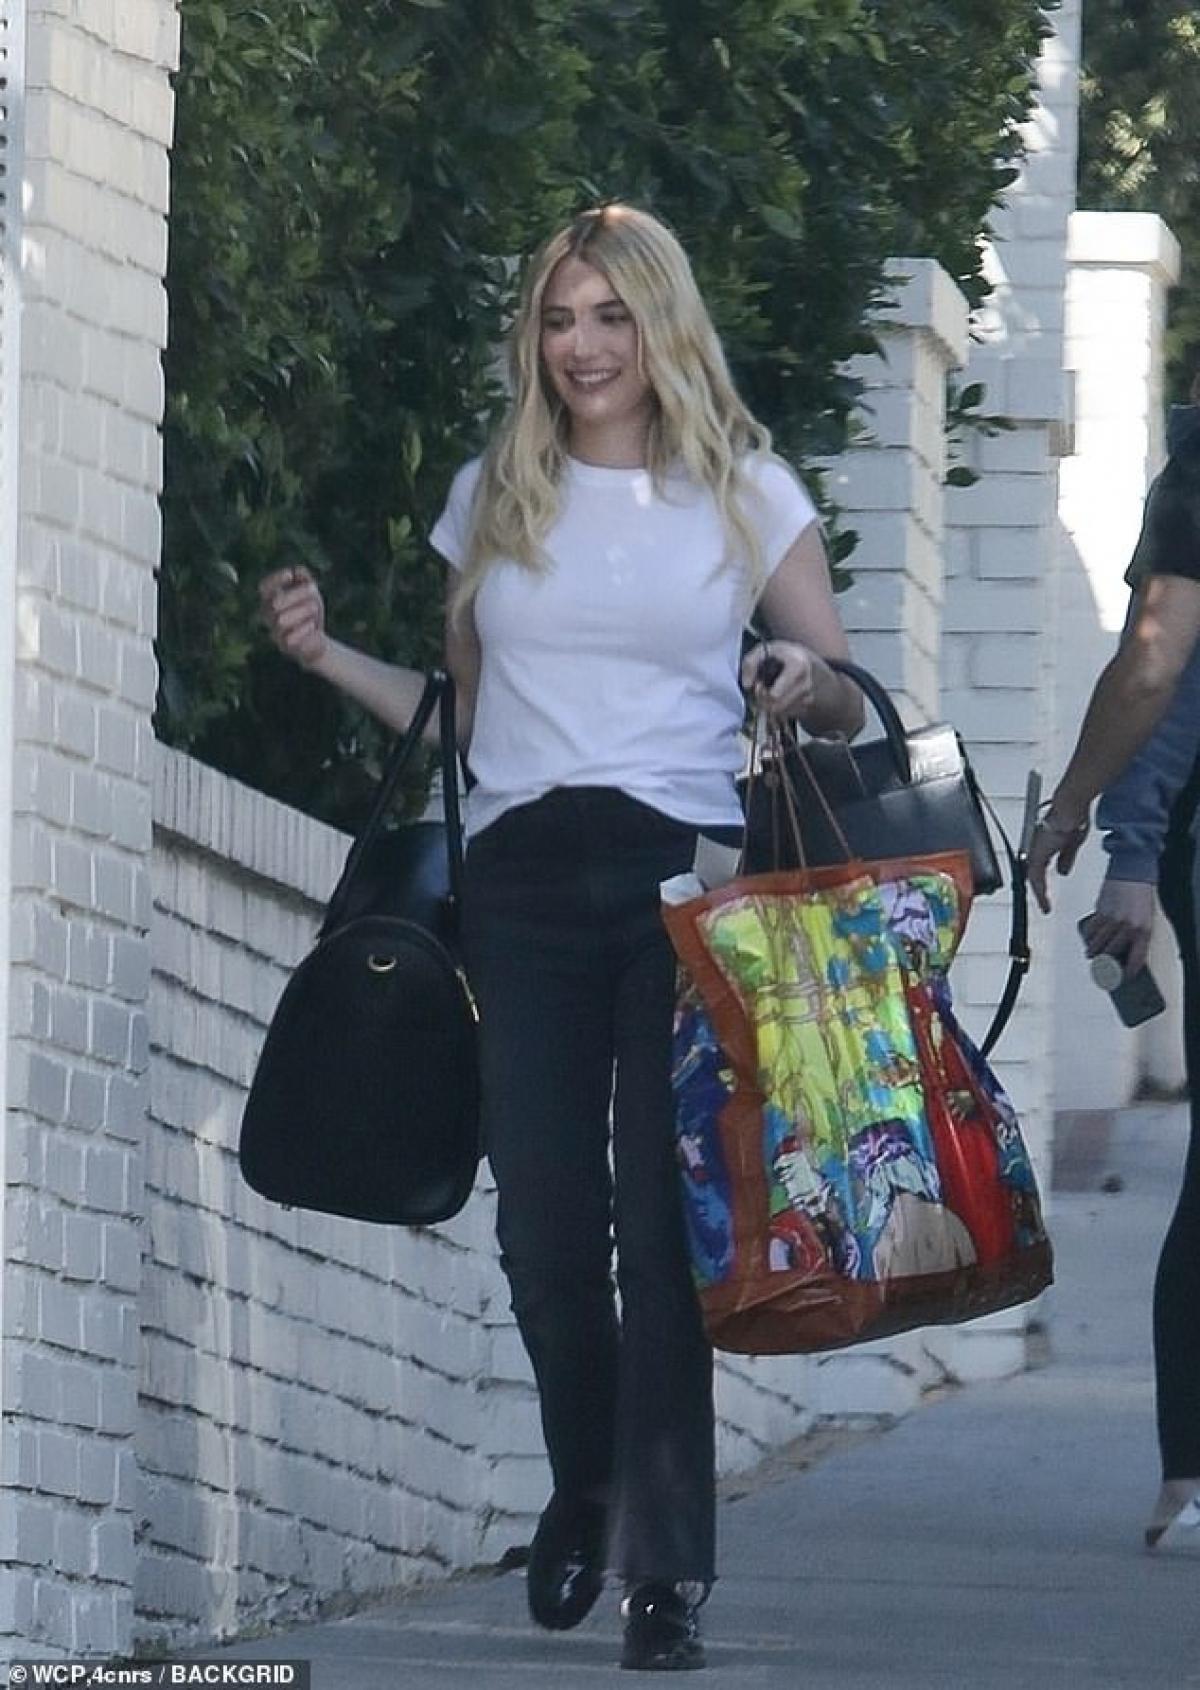 Nữ diễn viên mặc áo phông và quần jeans khỏe khoắn, năng động.